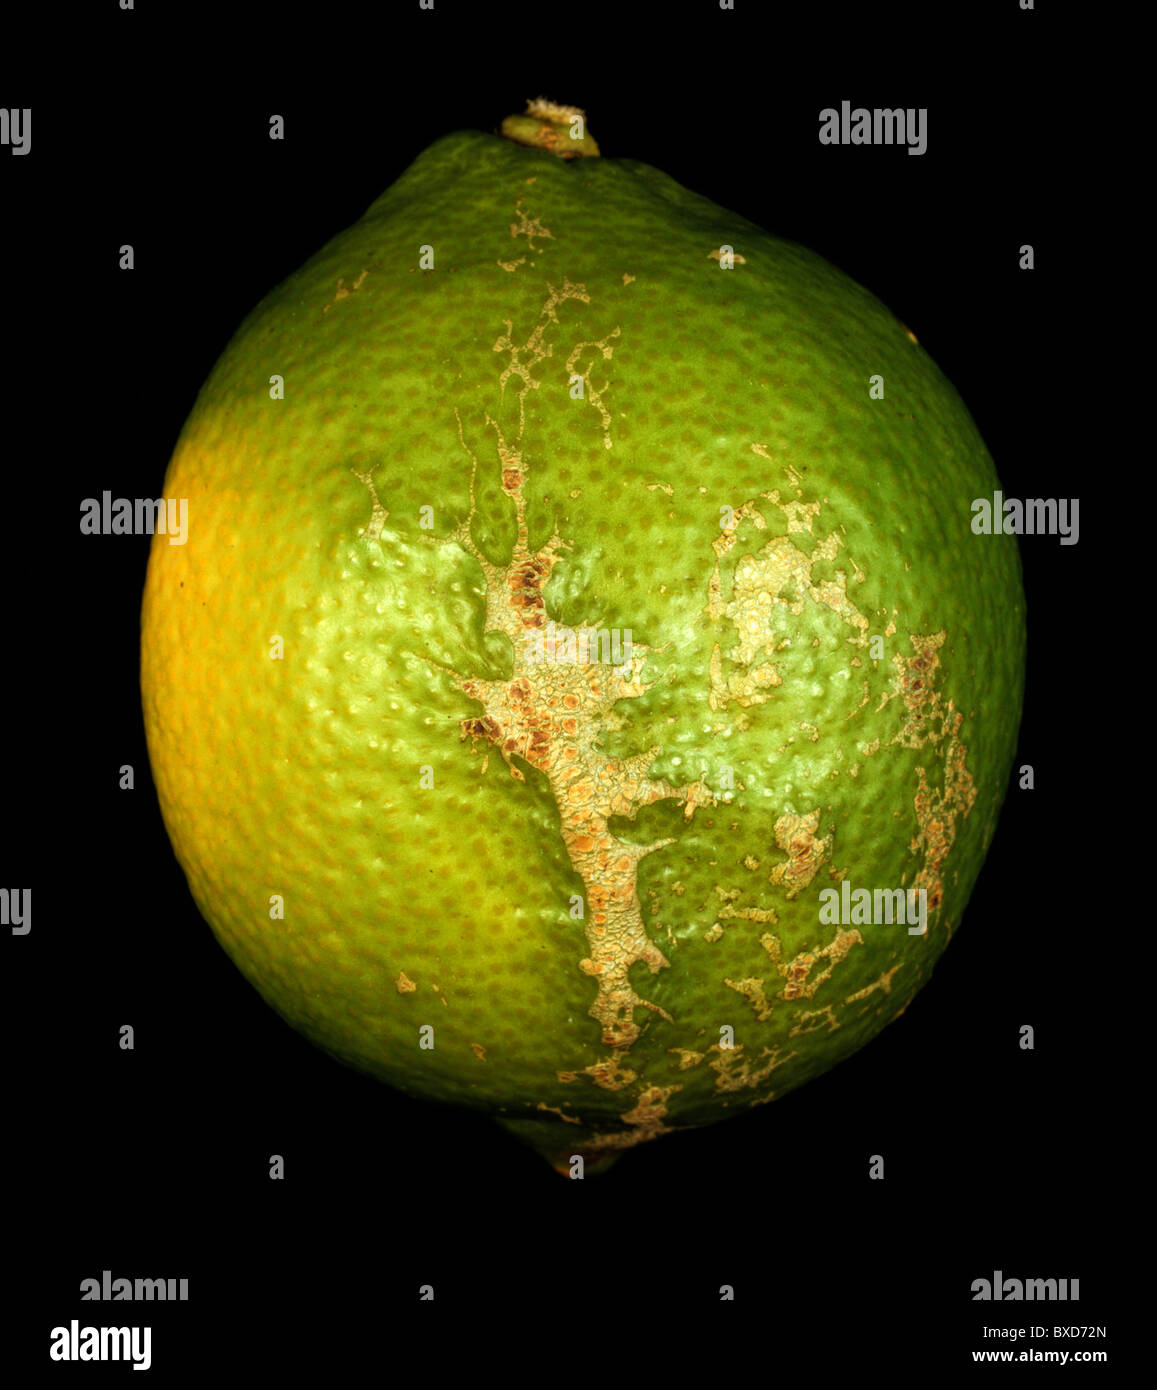 Wind scarring on lemon skin - fruit damage on the tree Stock Photo